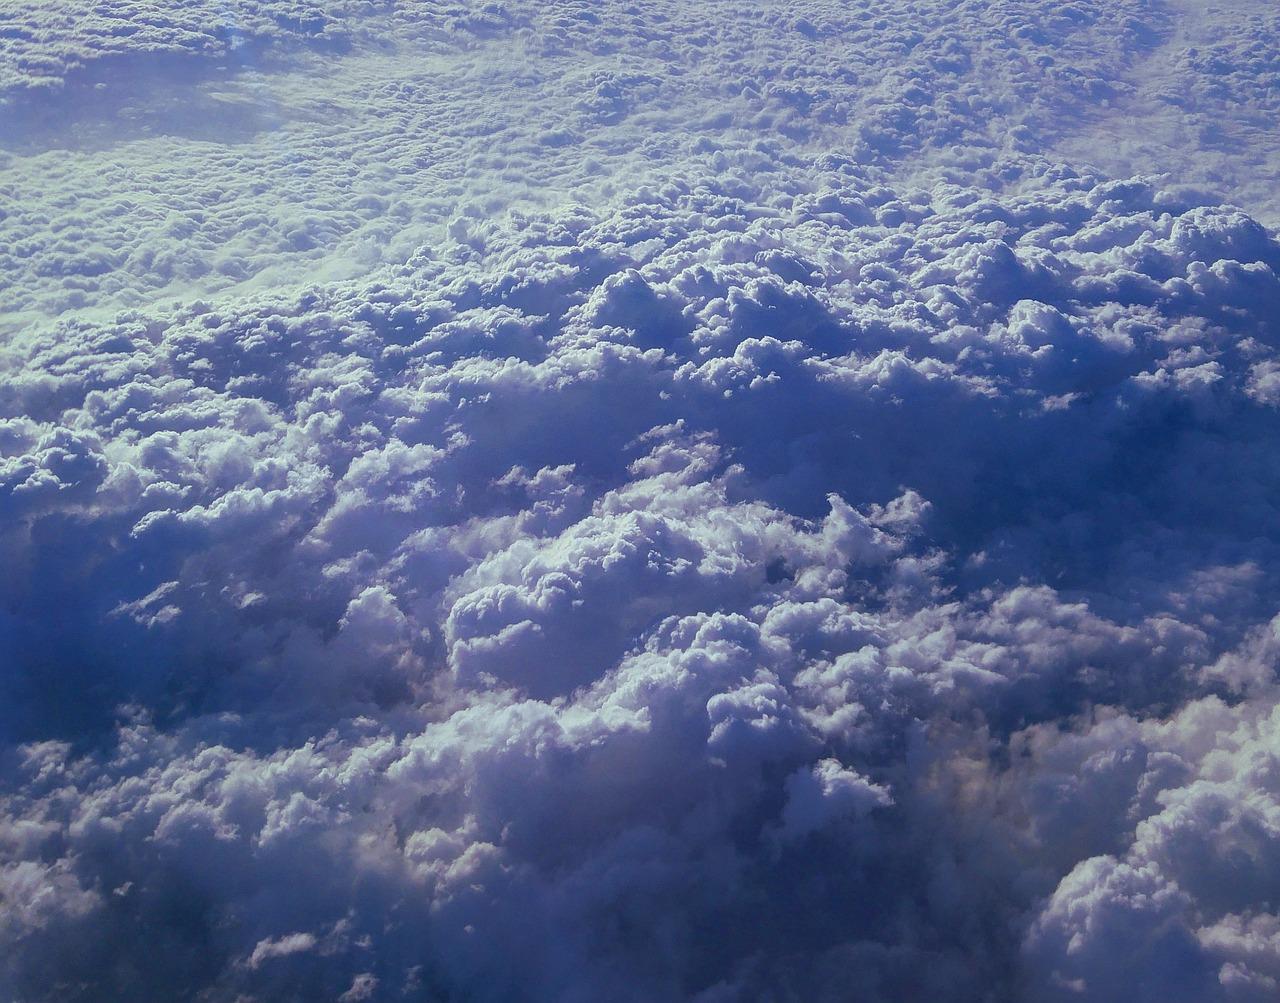 clouds-2149649_1280